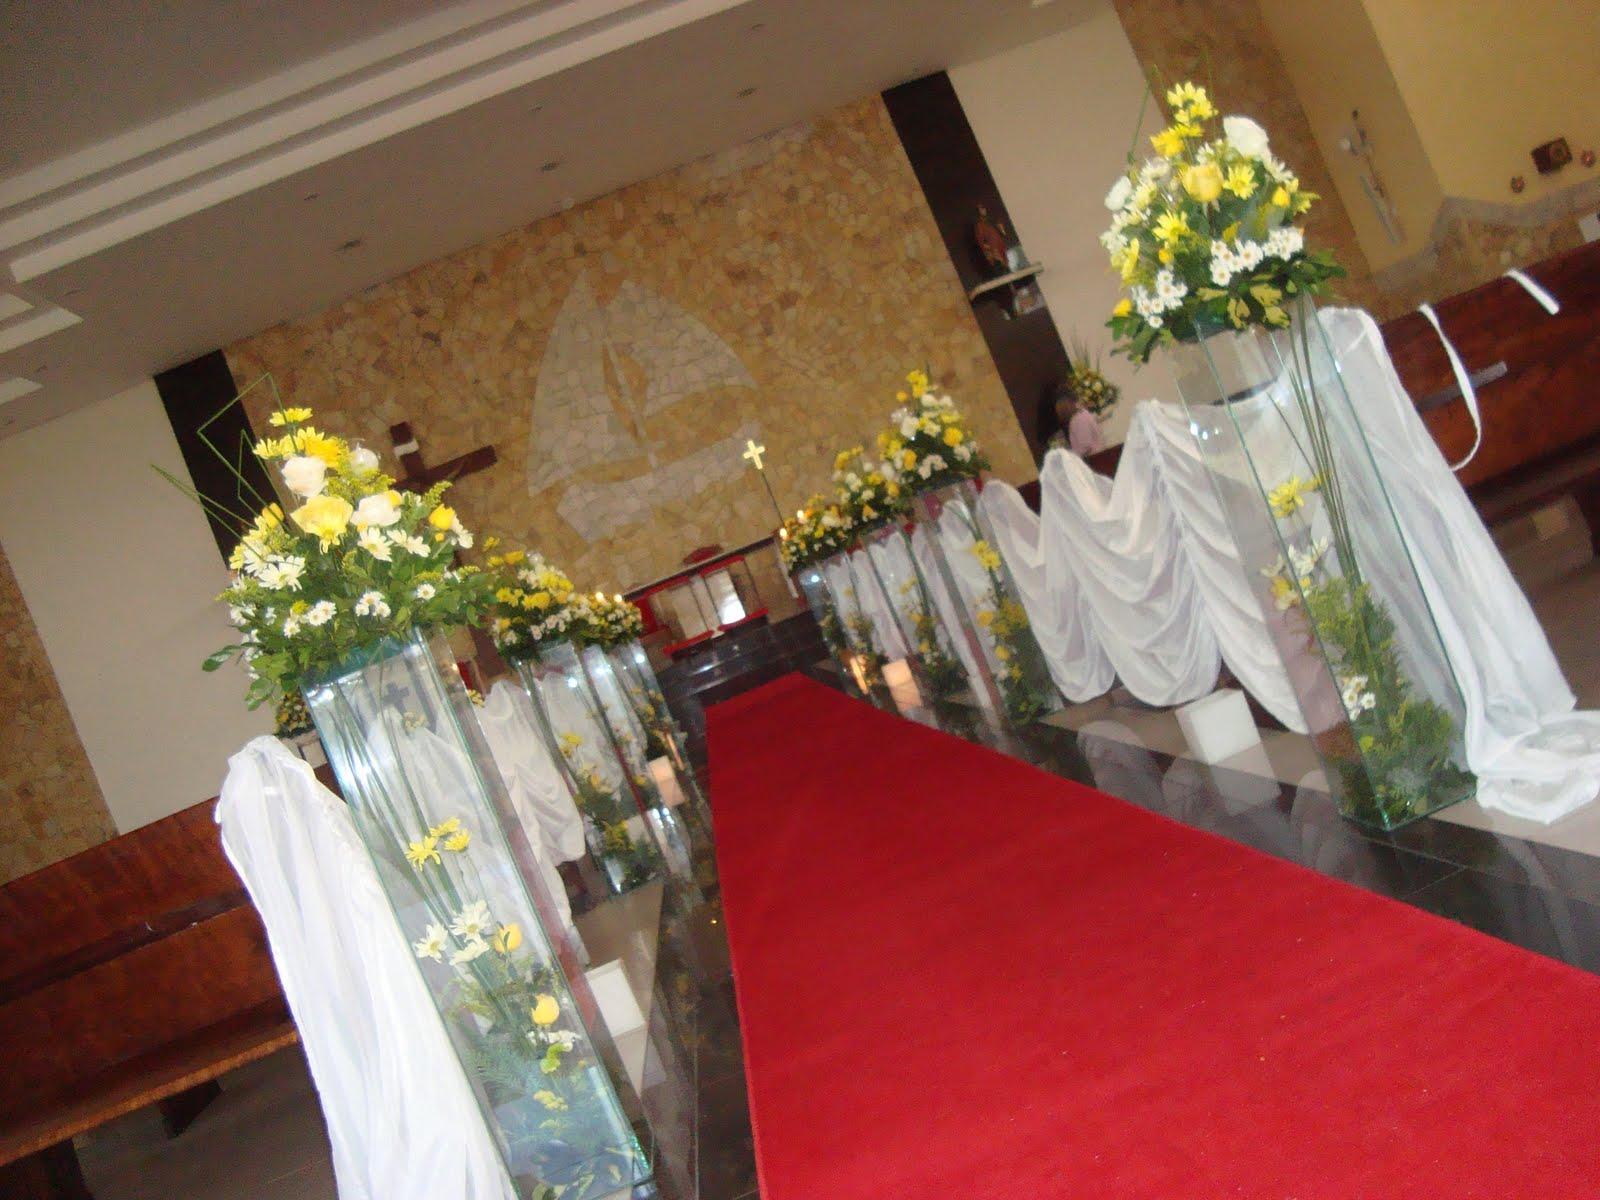 decoracao de igreja para casamento azul e amarelo : decoracao de igreja para casamento azul e amarelo:decoração de igreja decoração de igreja decoração de igreja